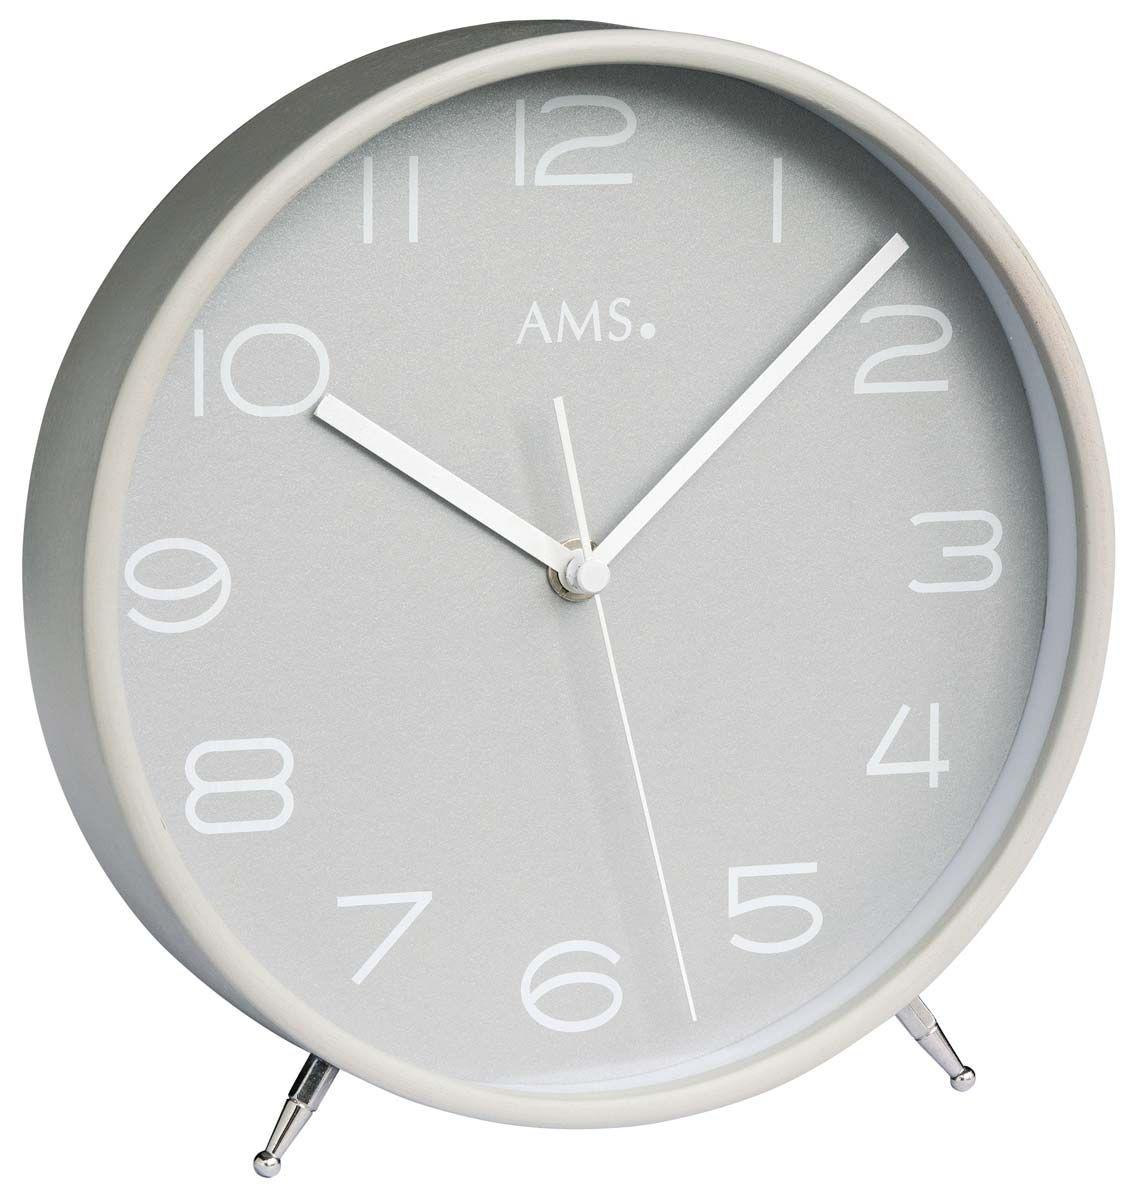 Stolní hodiny dřevěné ams 5119 rádiem řízený čas stříbrná